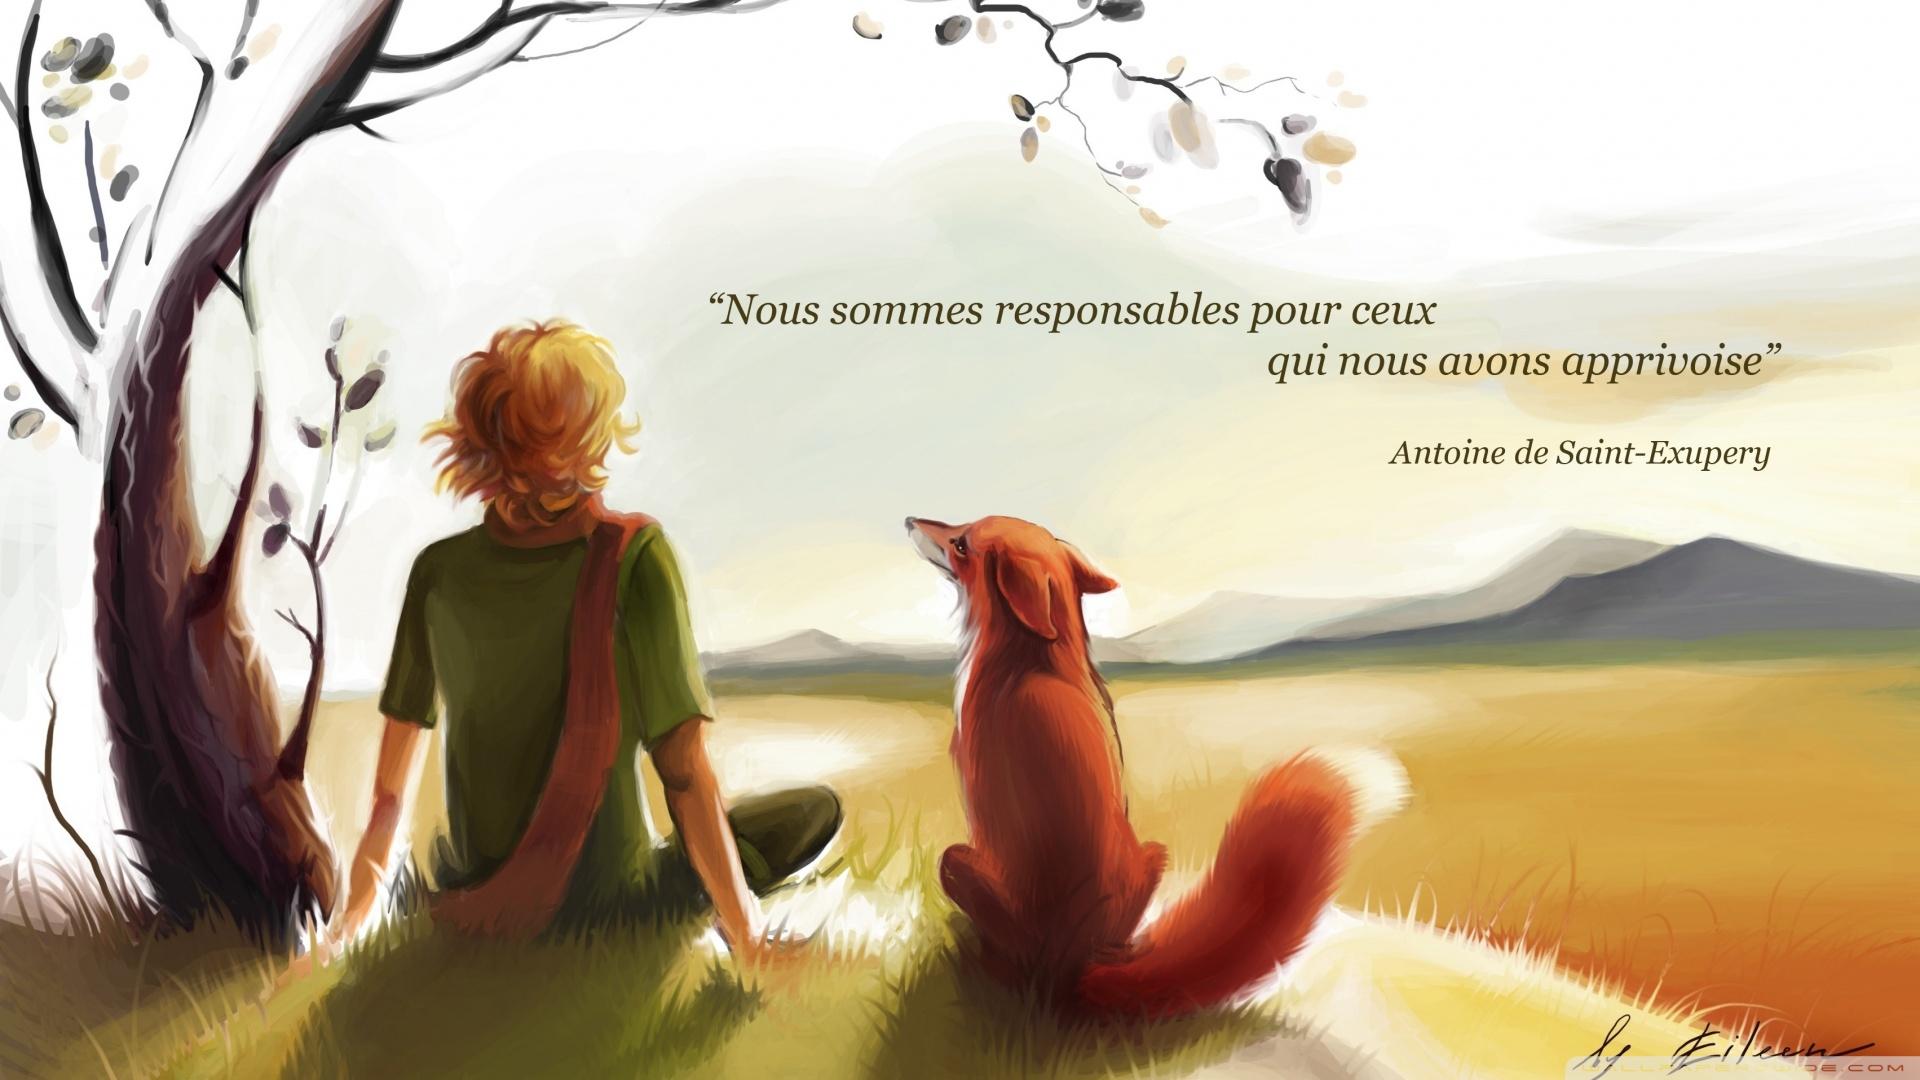 Antoine de Saint-Exupery's quote